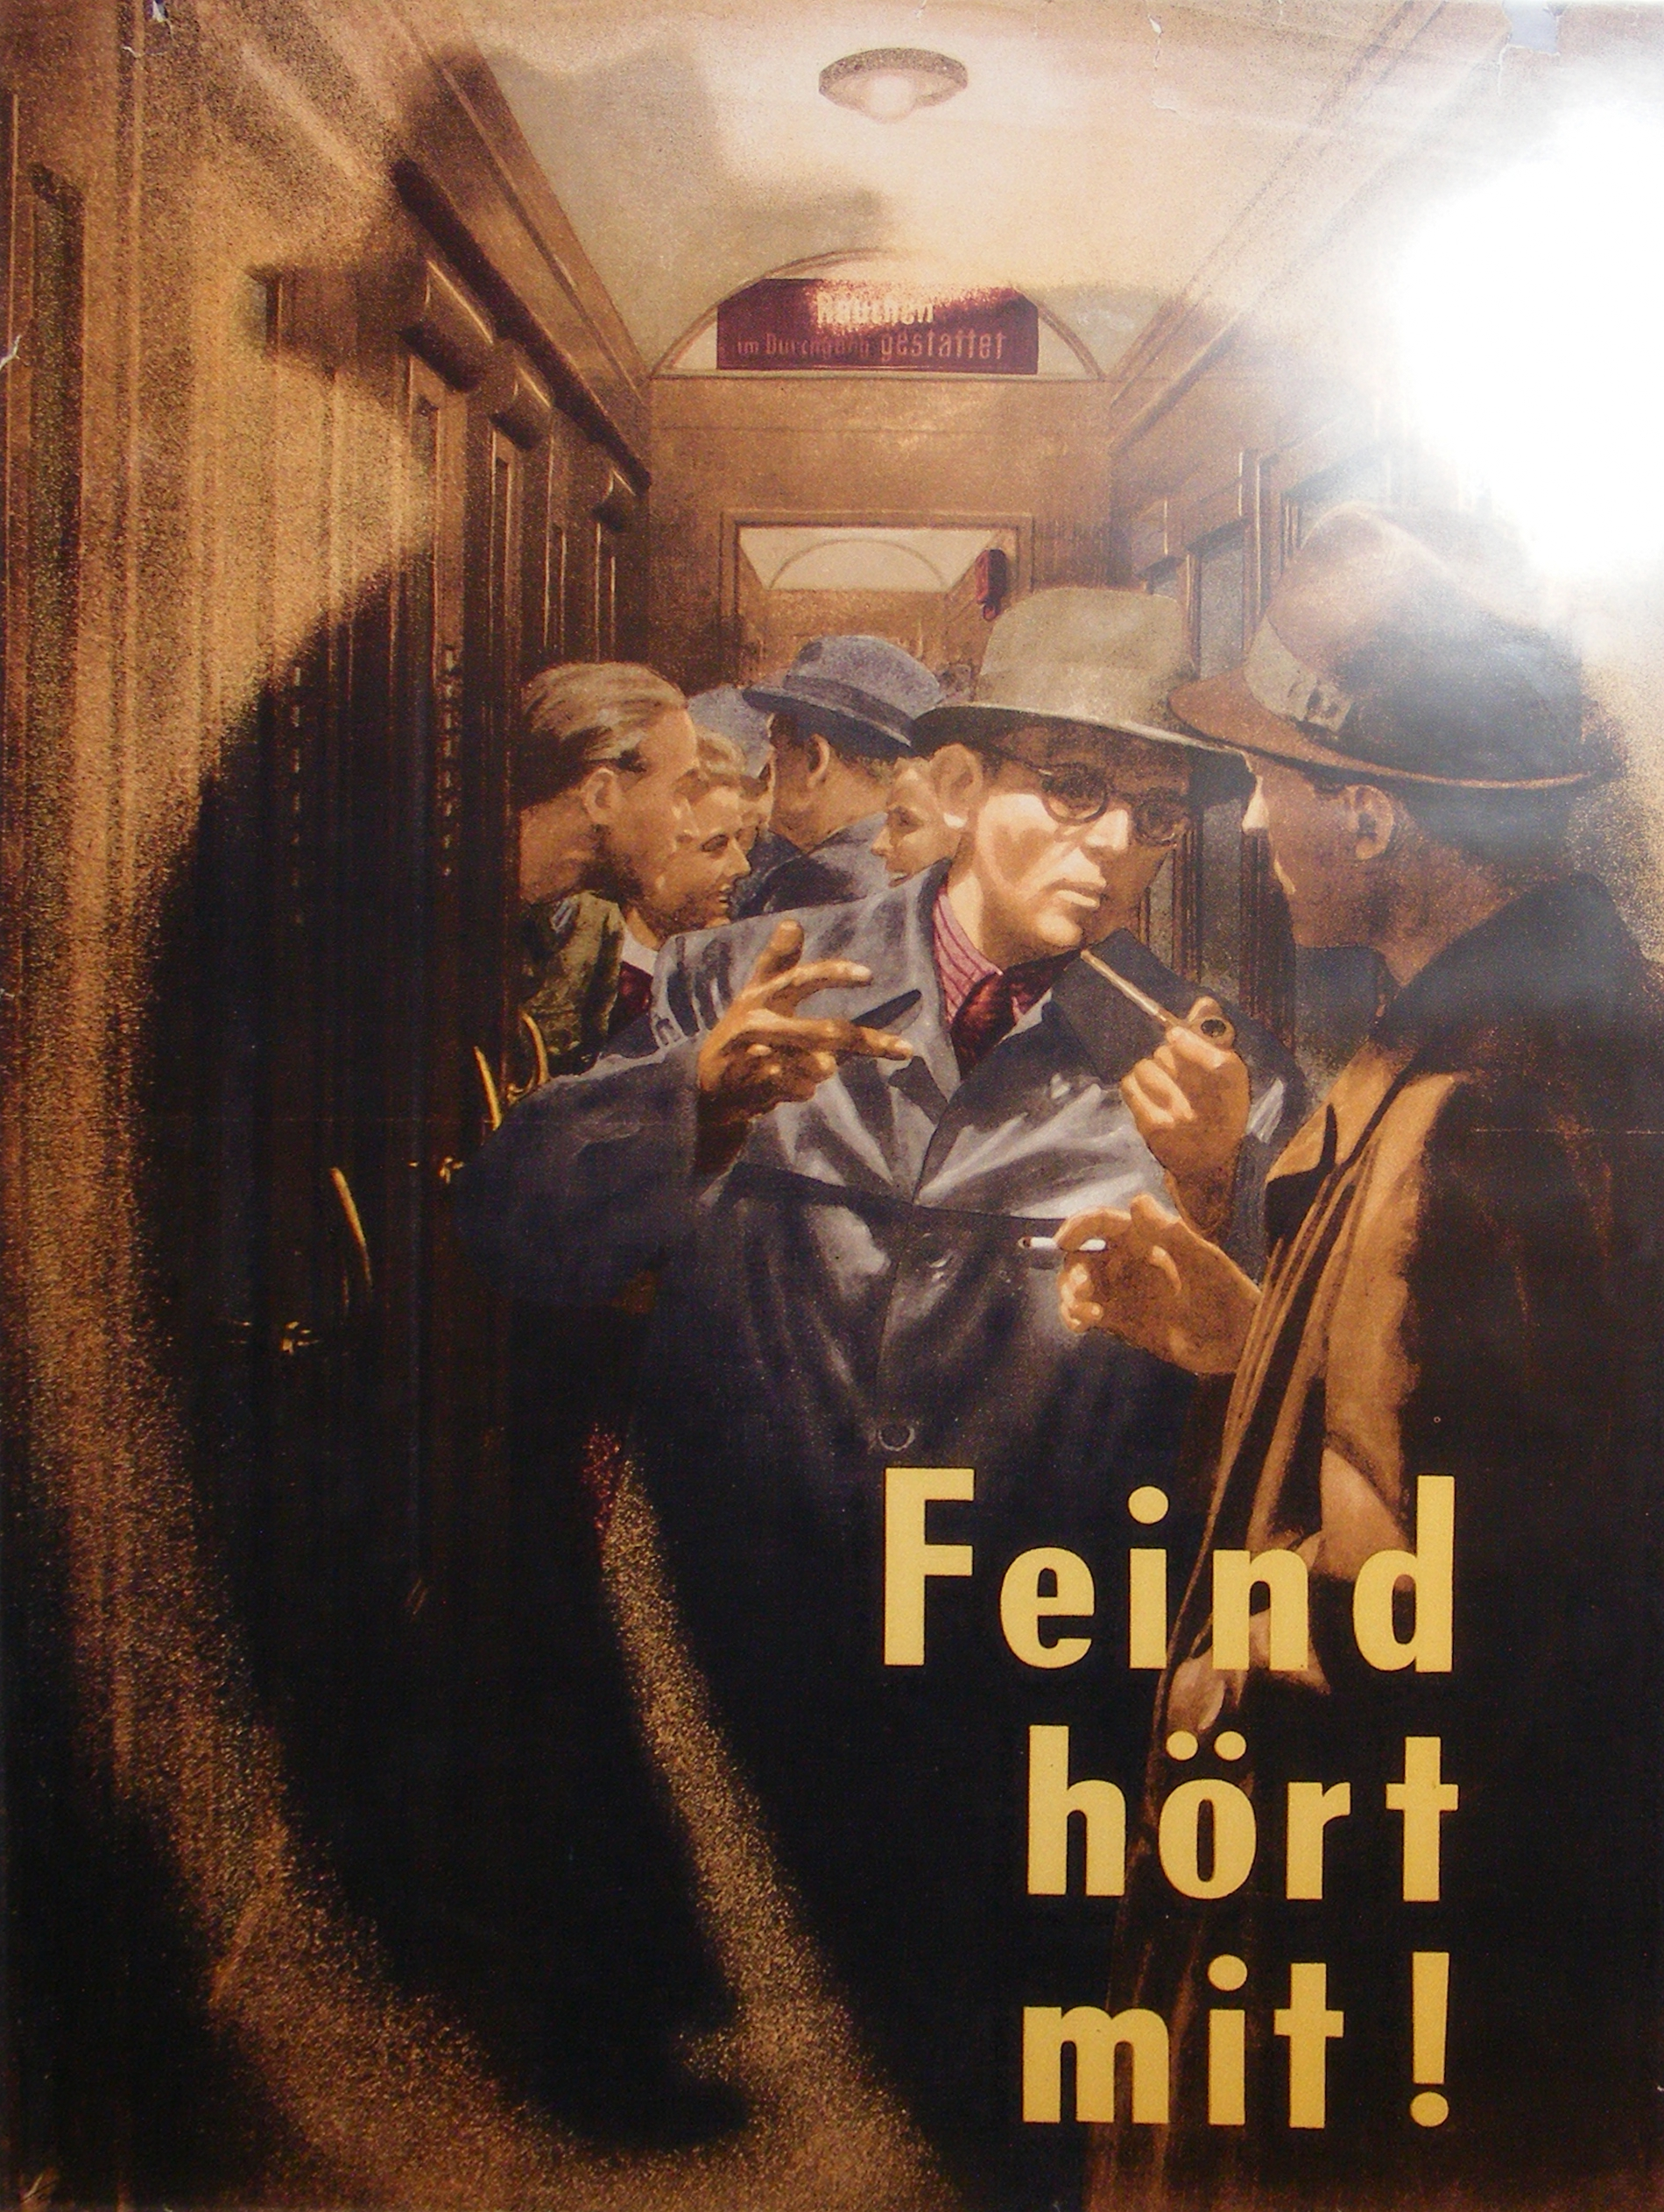 https://upload.wikimedia.org/wikipedia/commons/8/83/DB_Museum_Nürnberg_-_Feind_hört_mit%21_%28Eisenbahn%29.jpg